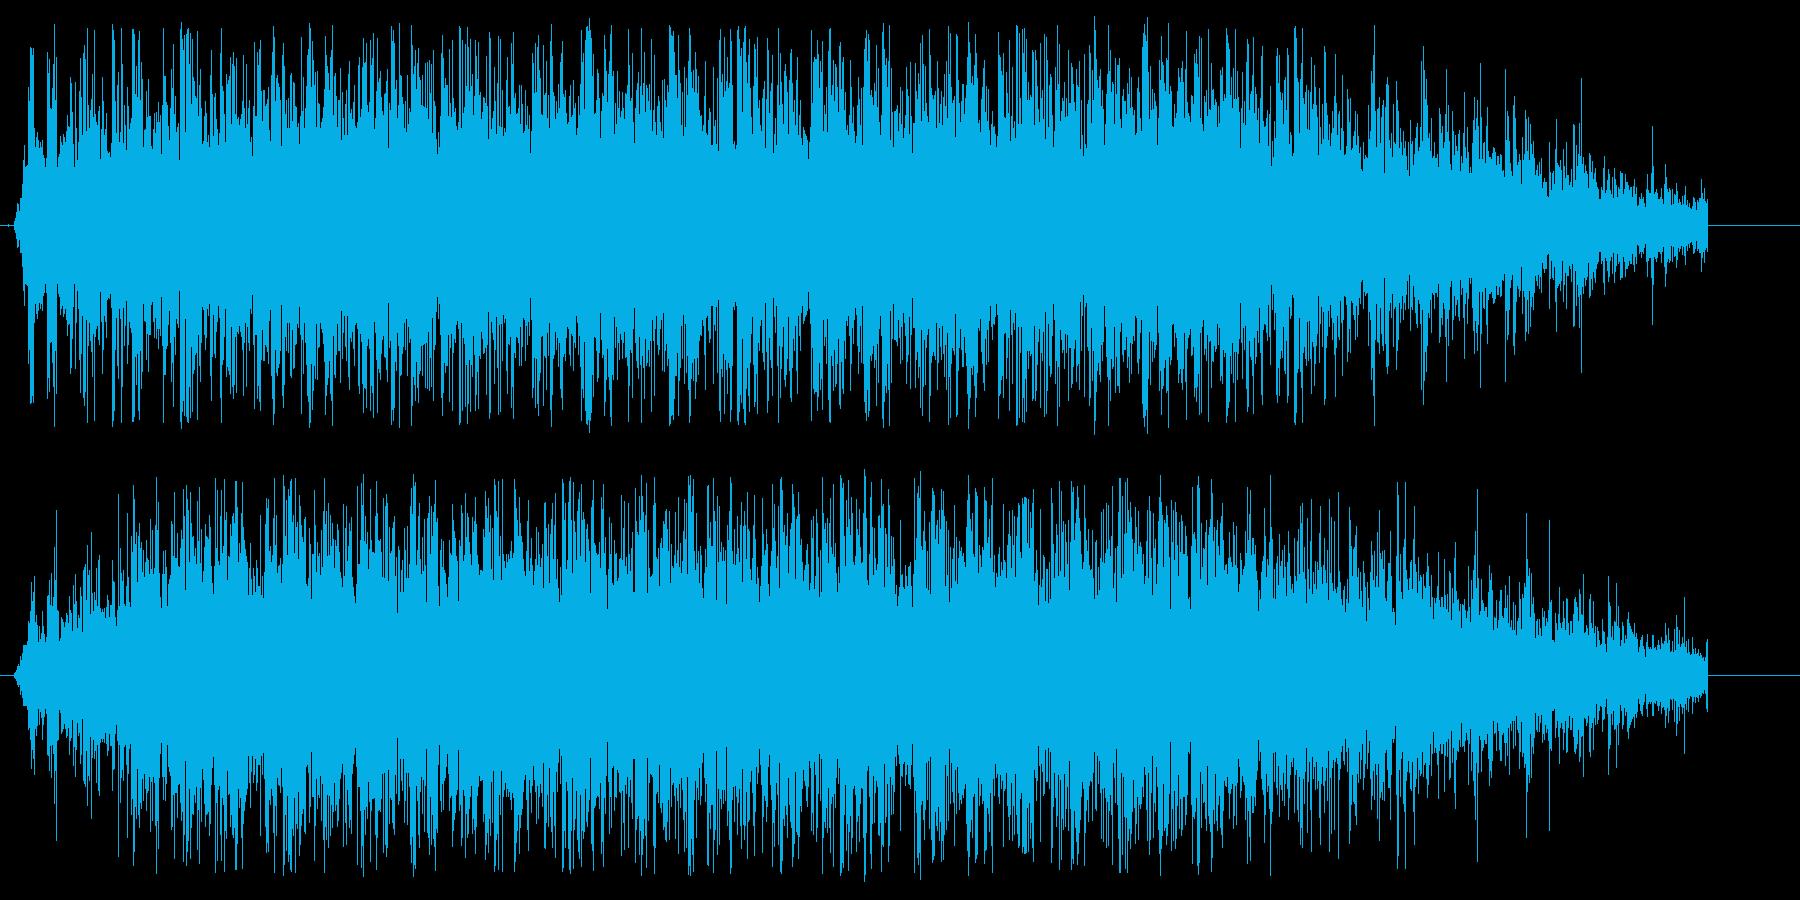 シンプルな拍手(大人数)の音ですの再生済みの波形